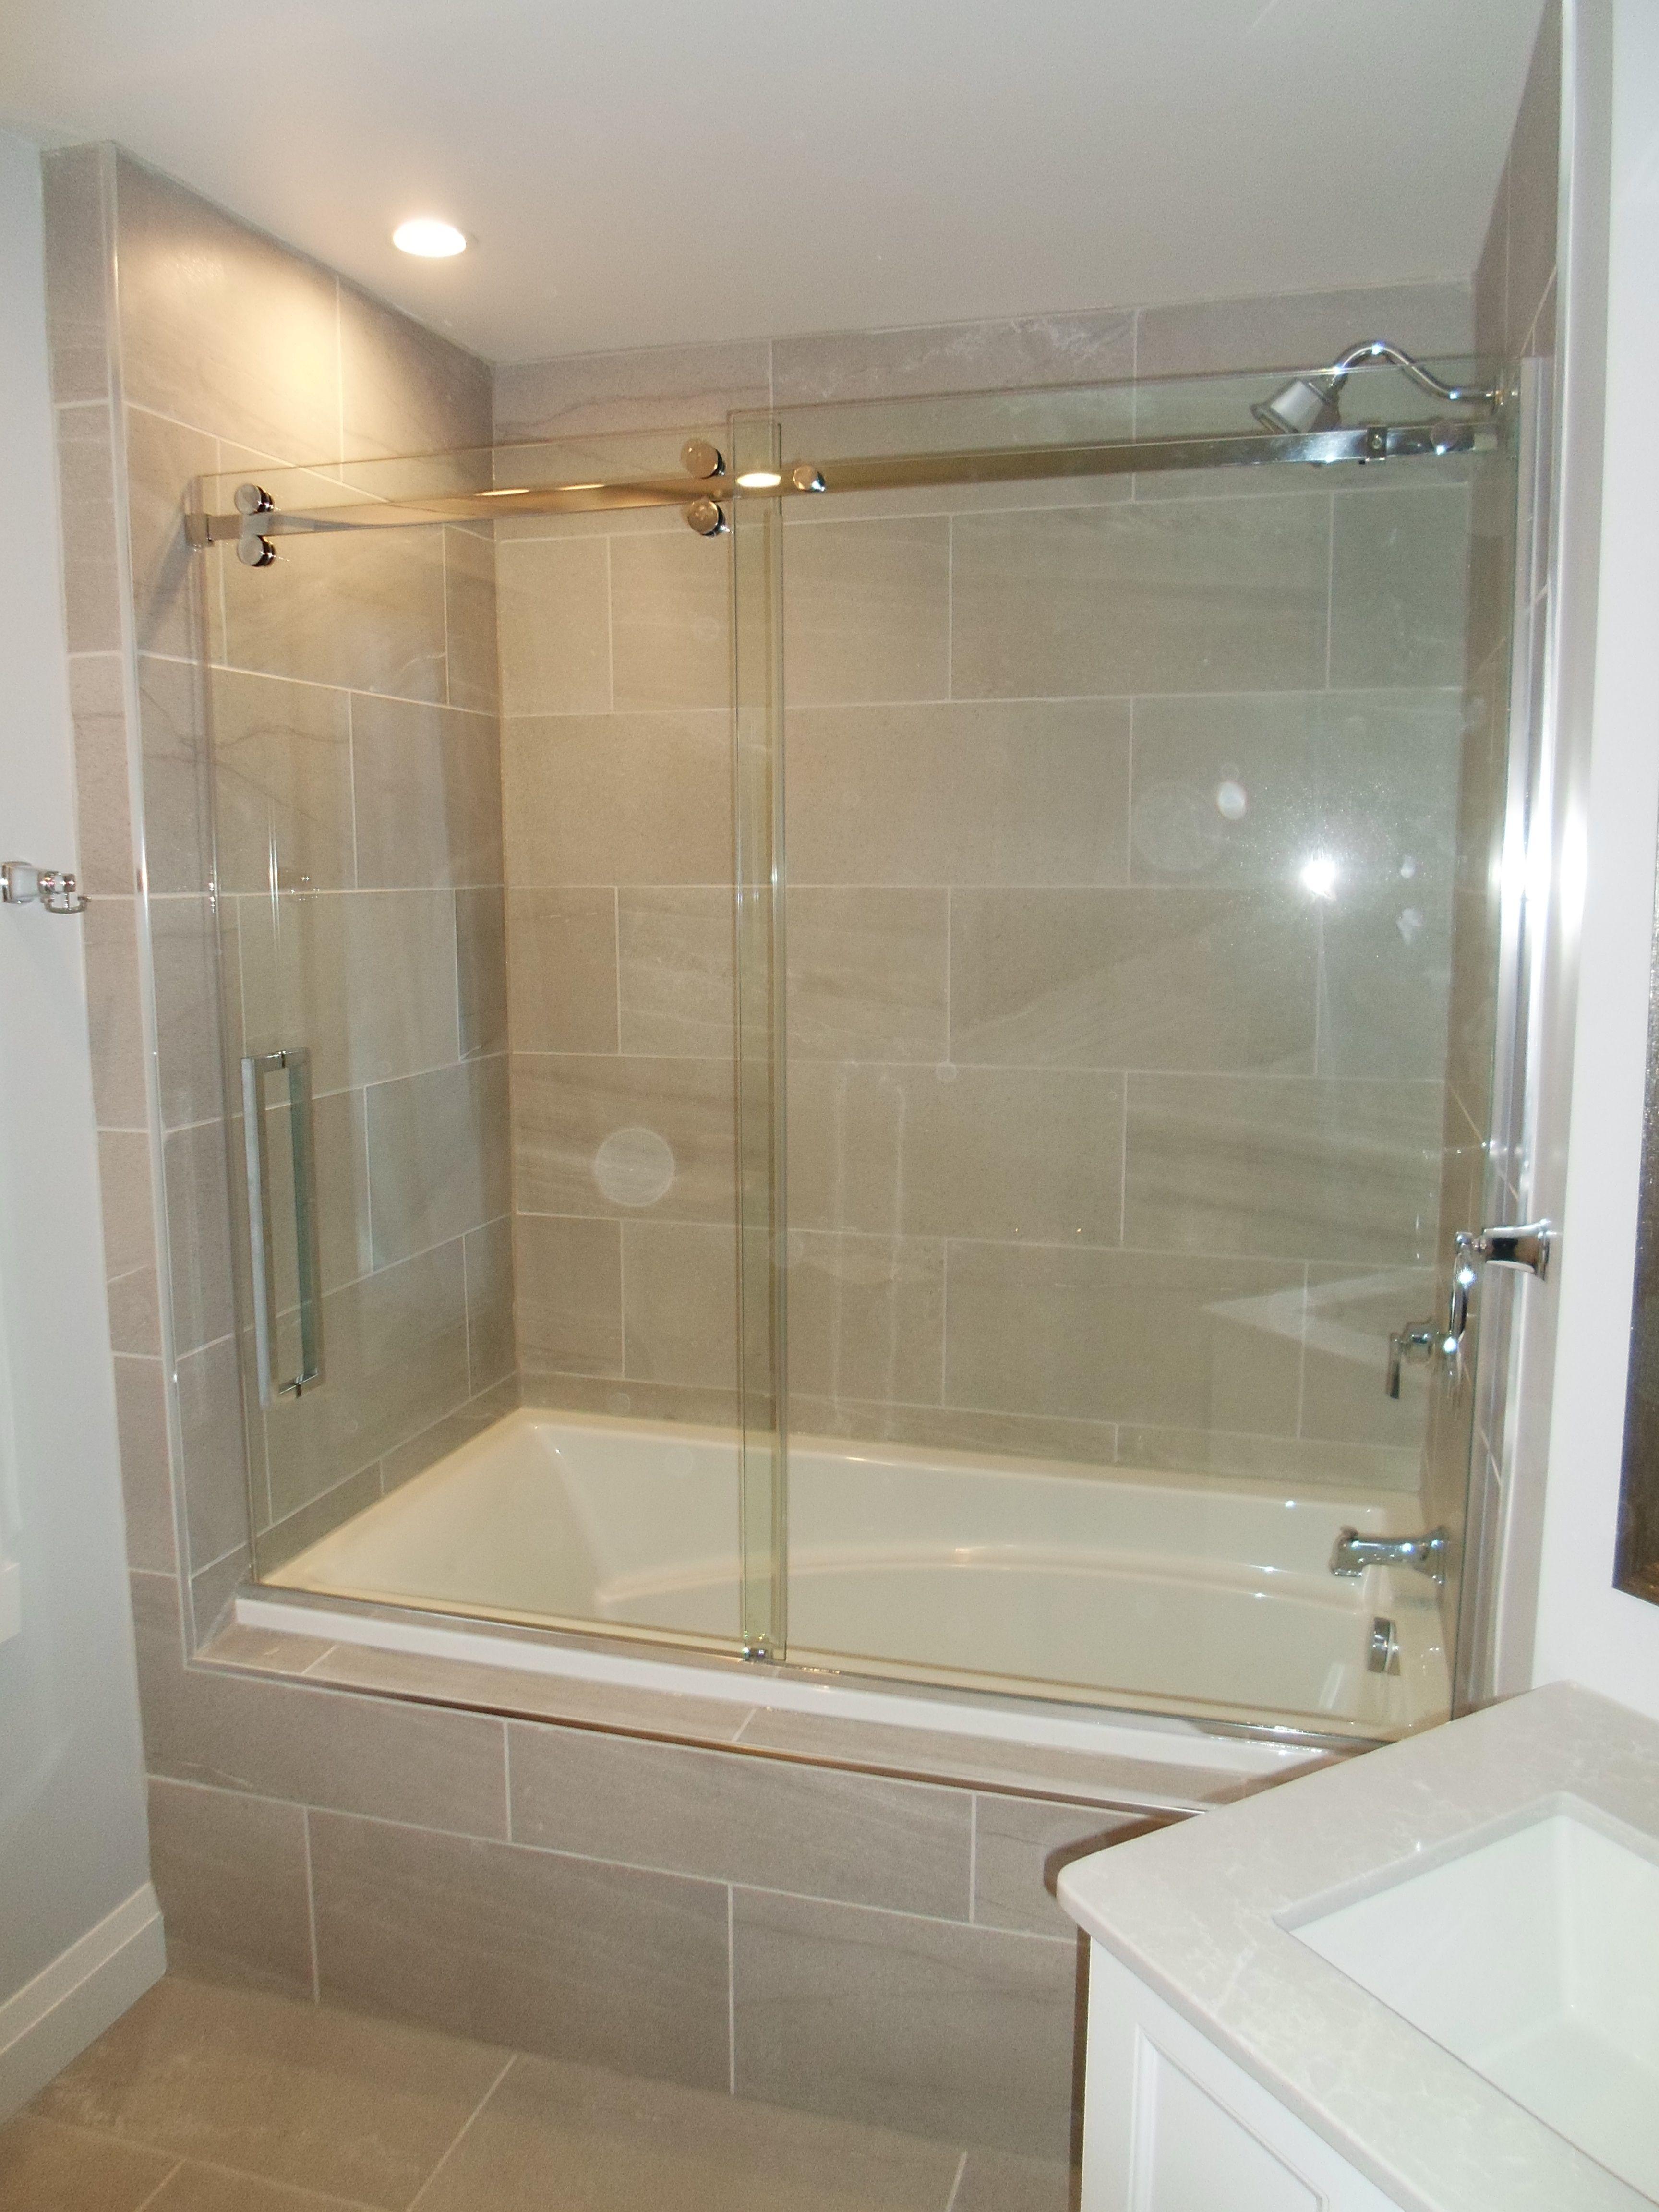 Attractive douche et baignoire dans salle de bain salles Baignoire pour petite salle de bain